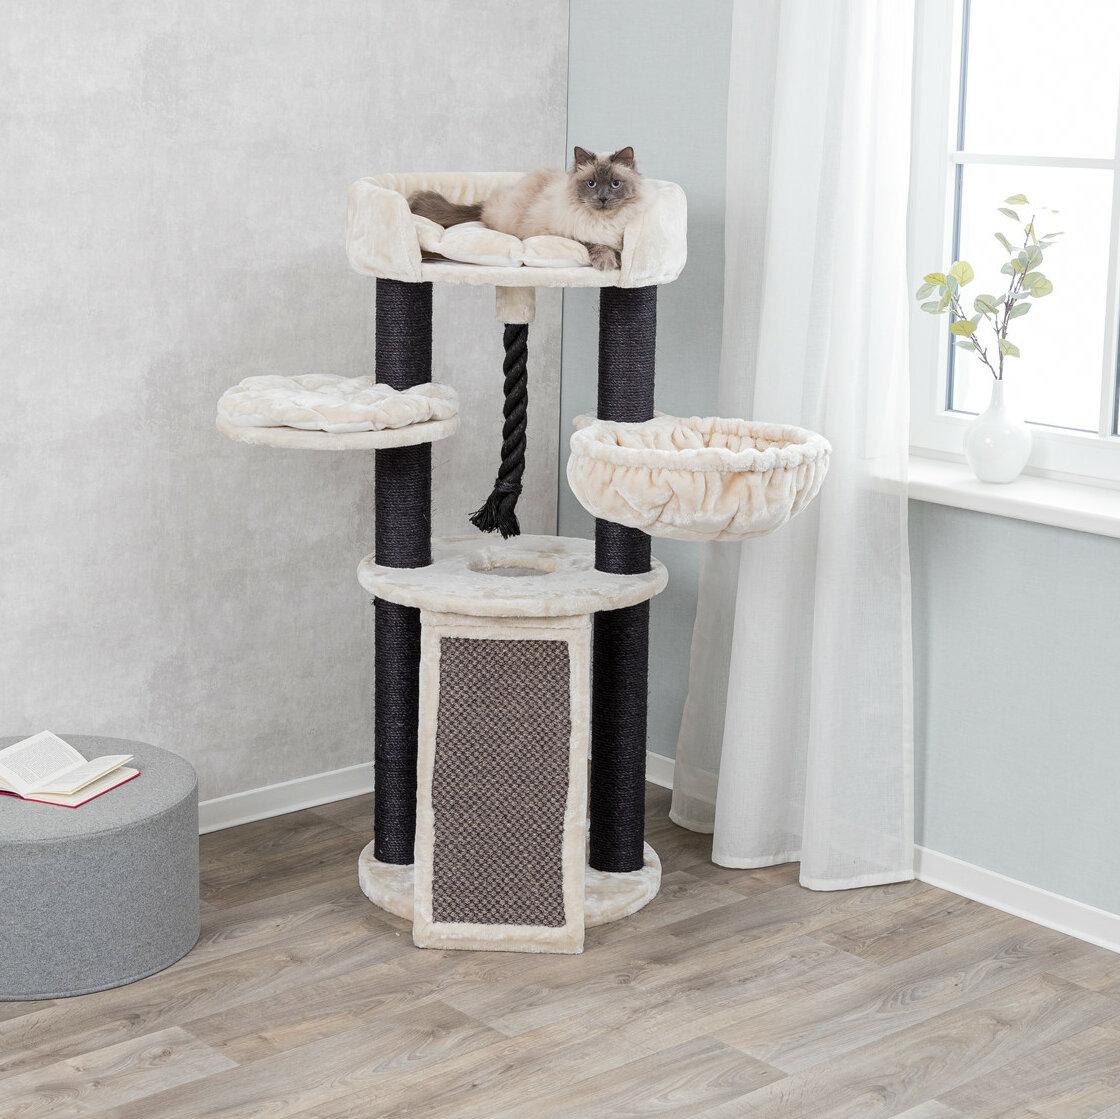 Tucker Murphy Pet 55 Goodman Bovina Cat Tree Reviews Wayfair